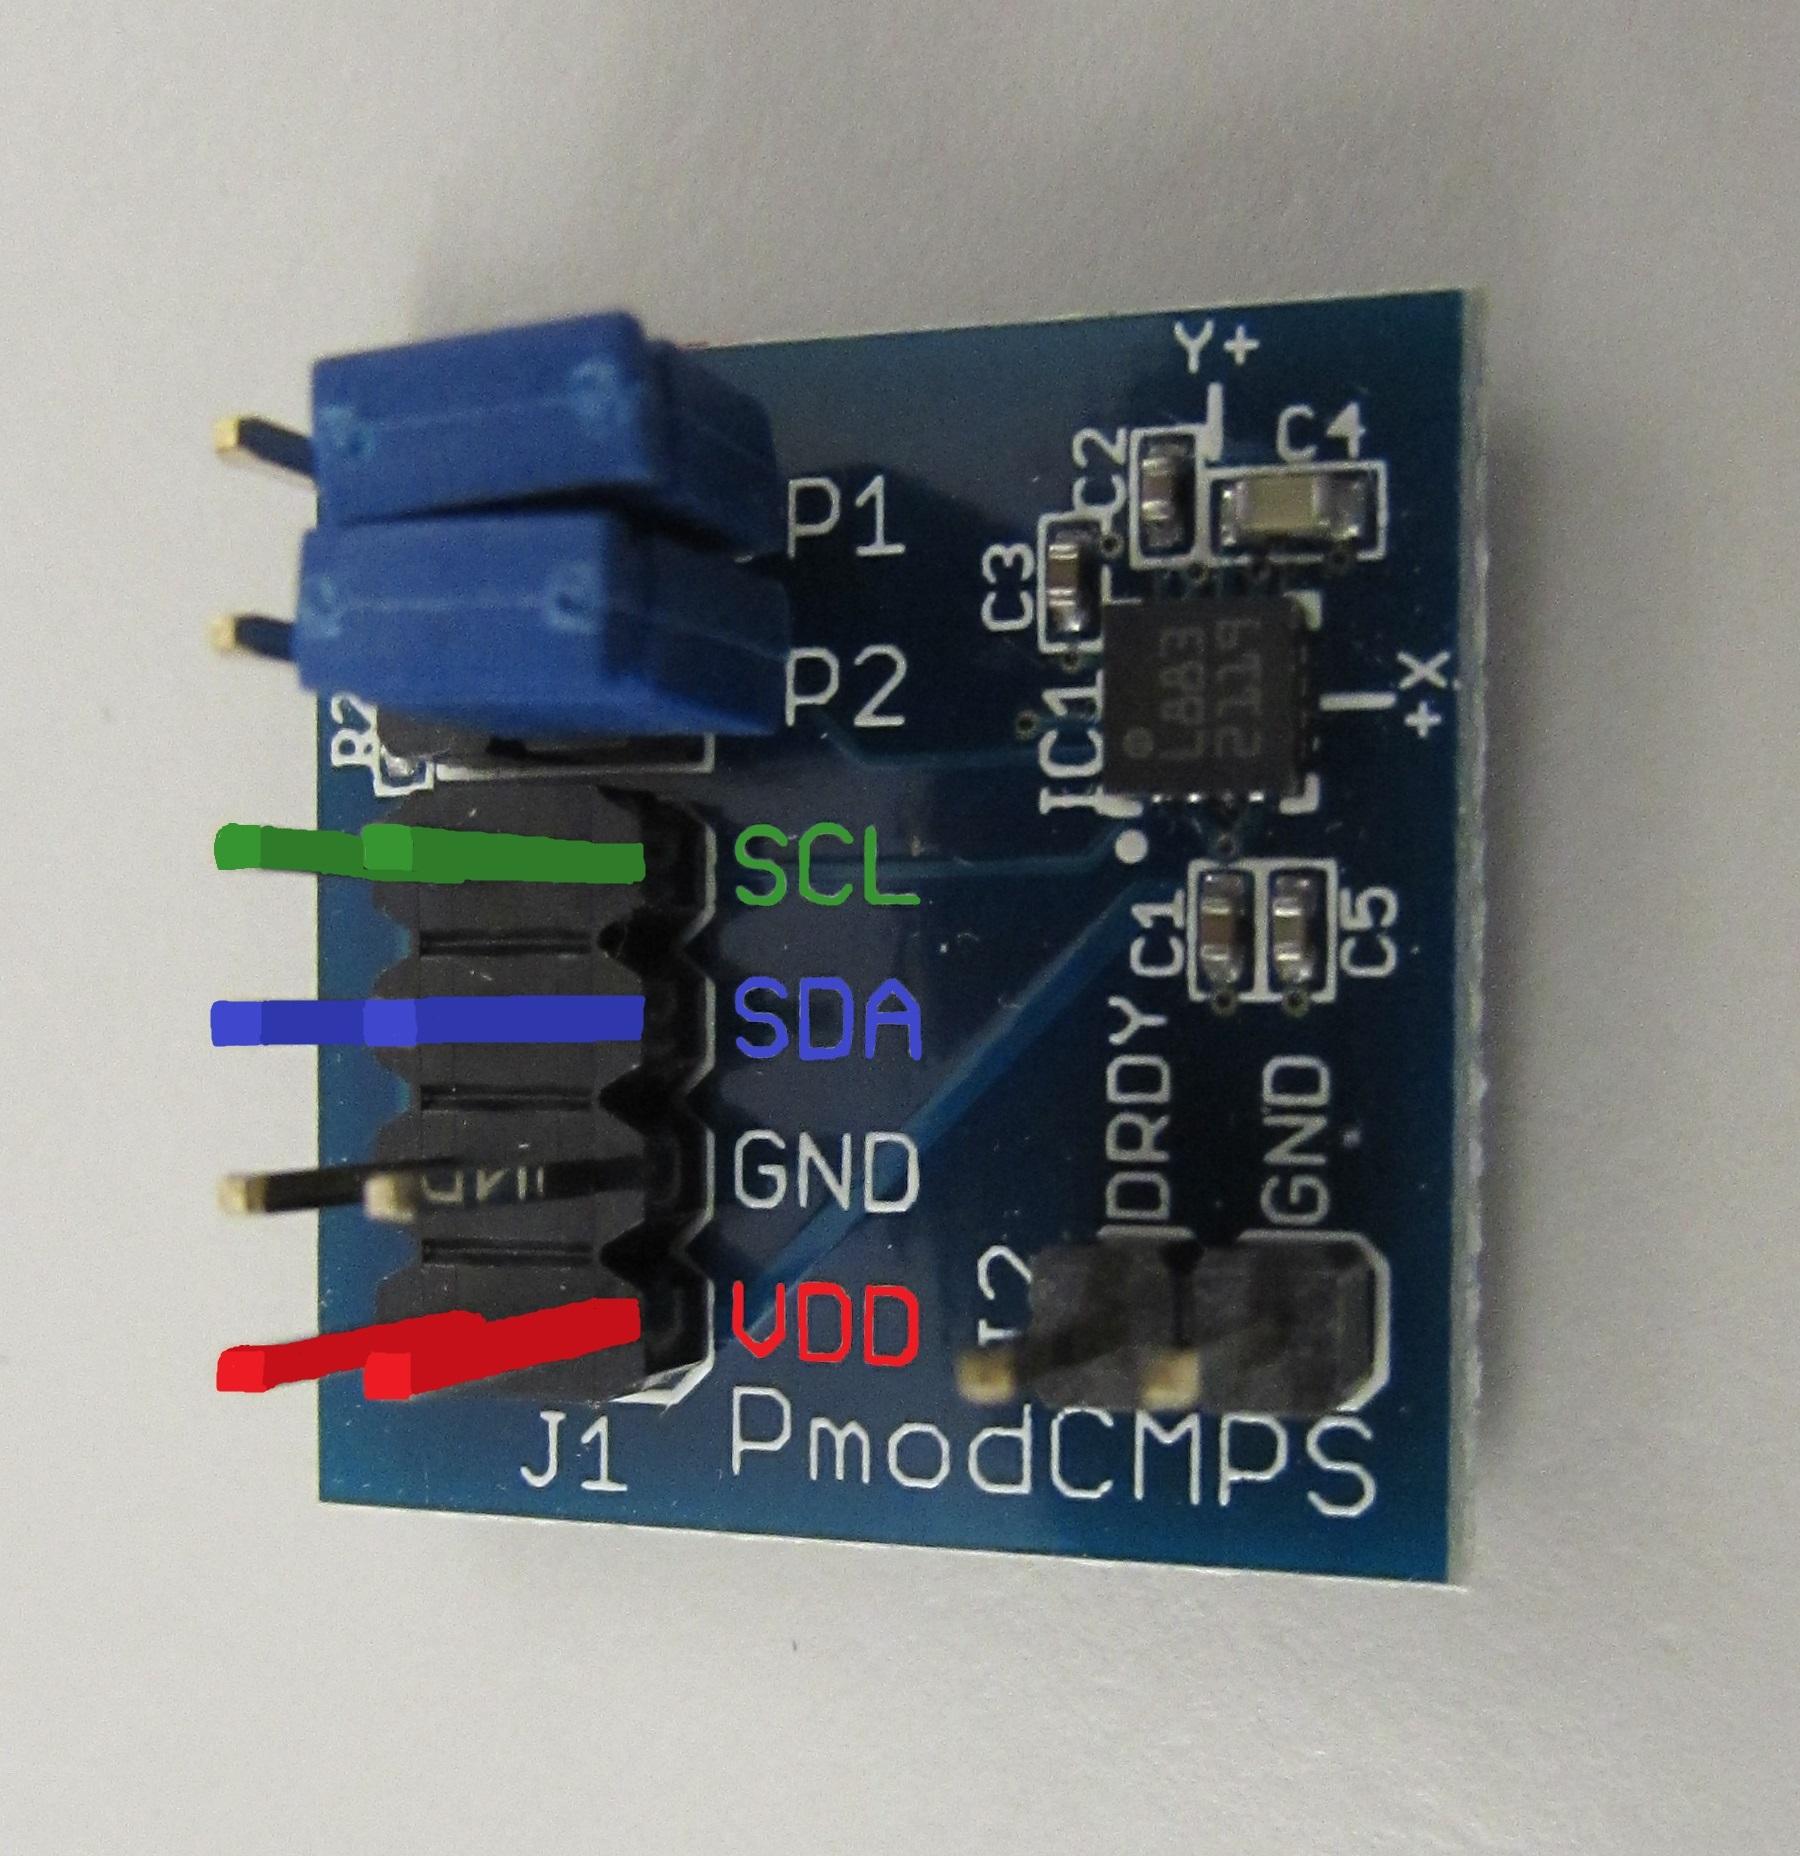 Digilent's I2C Pmod Compass